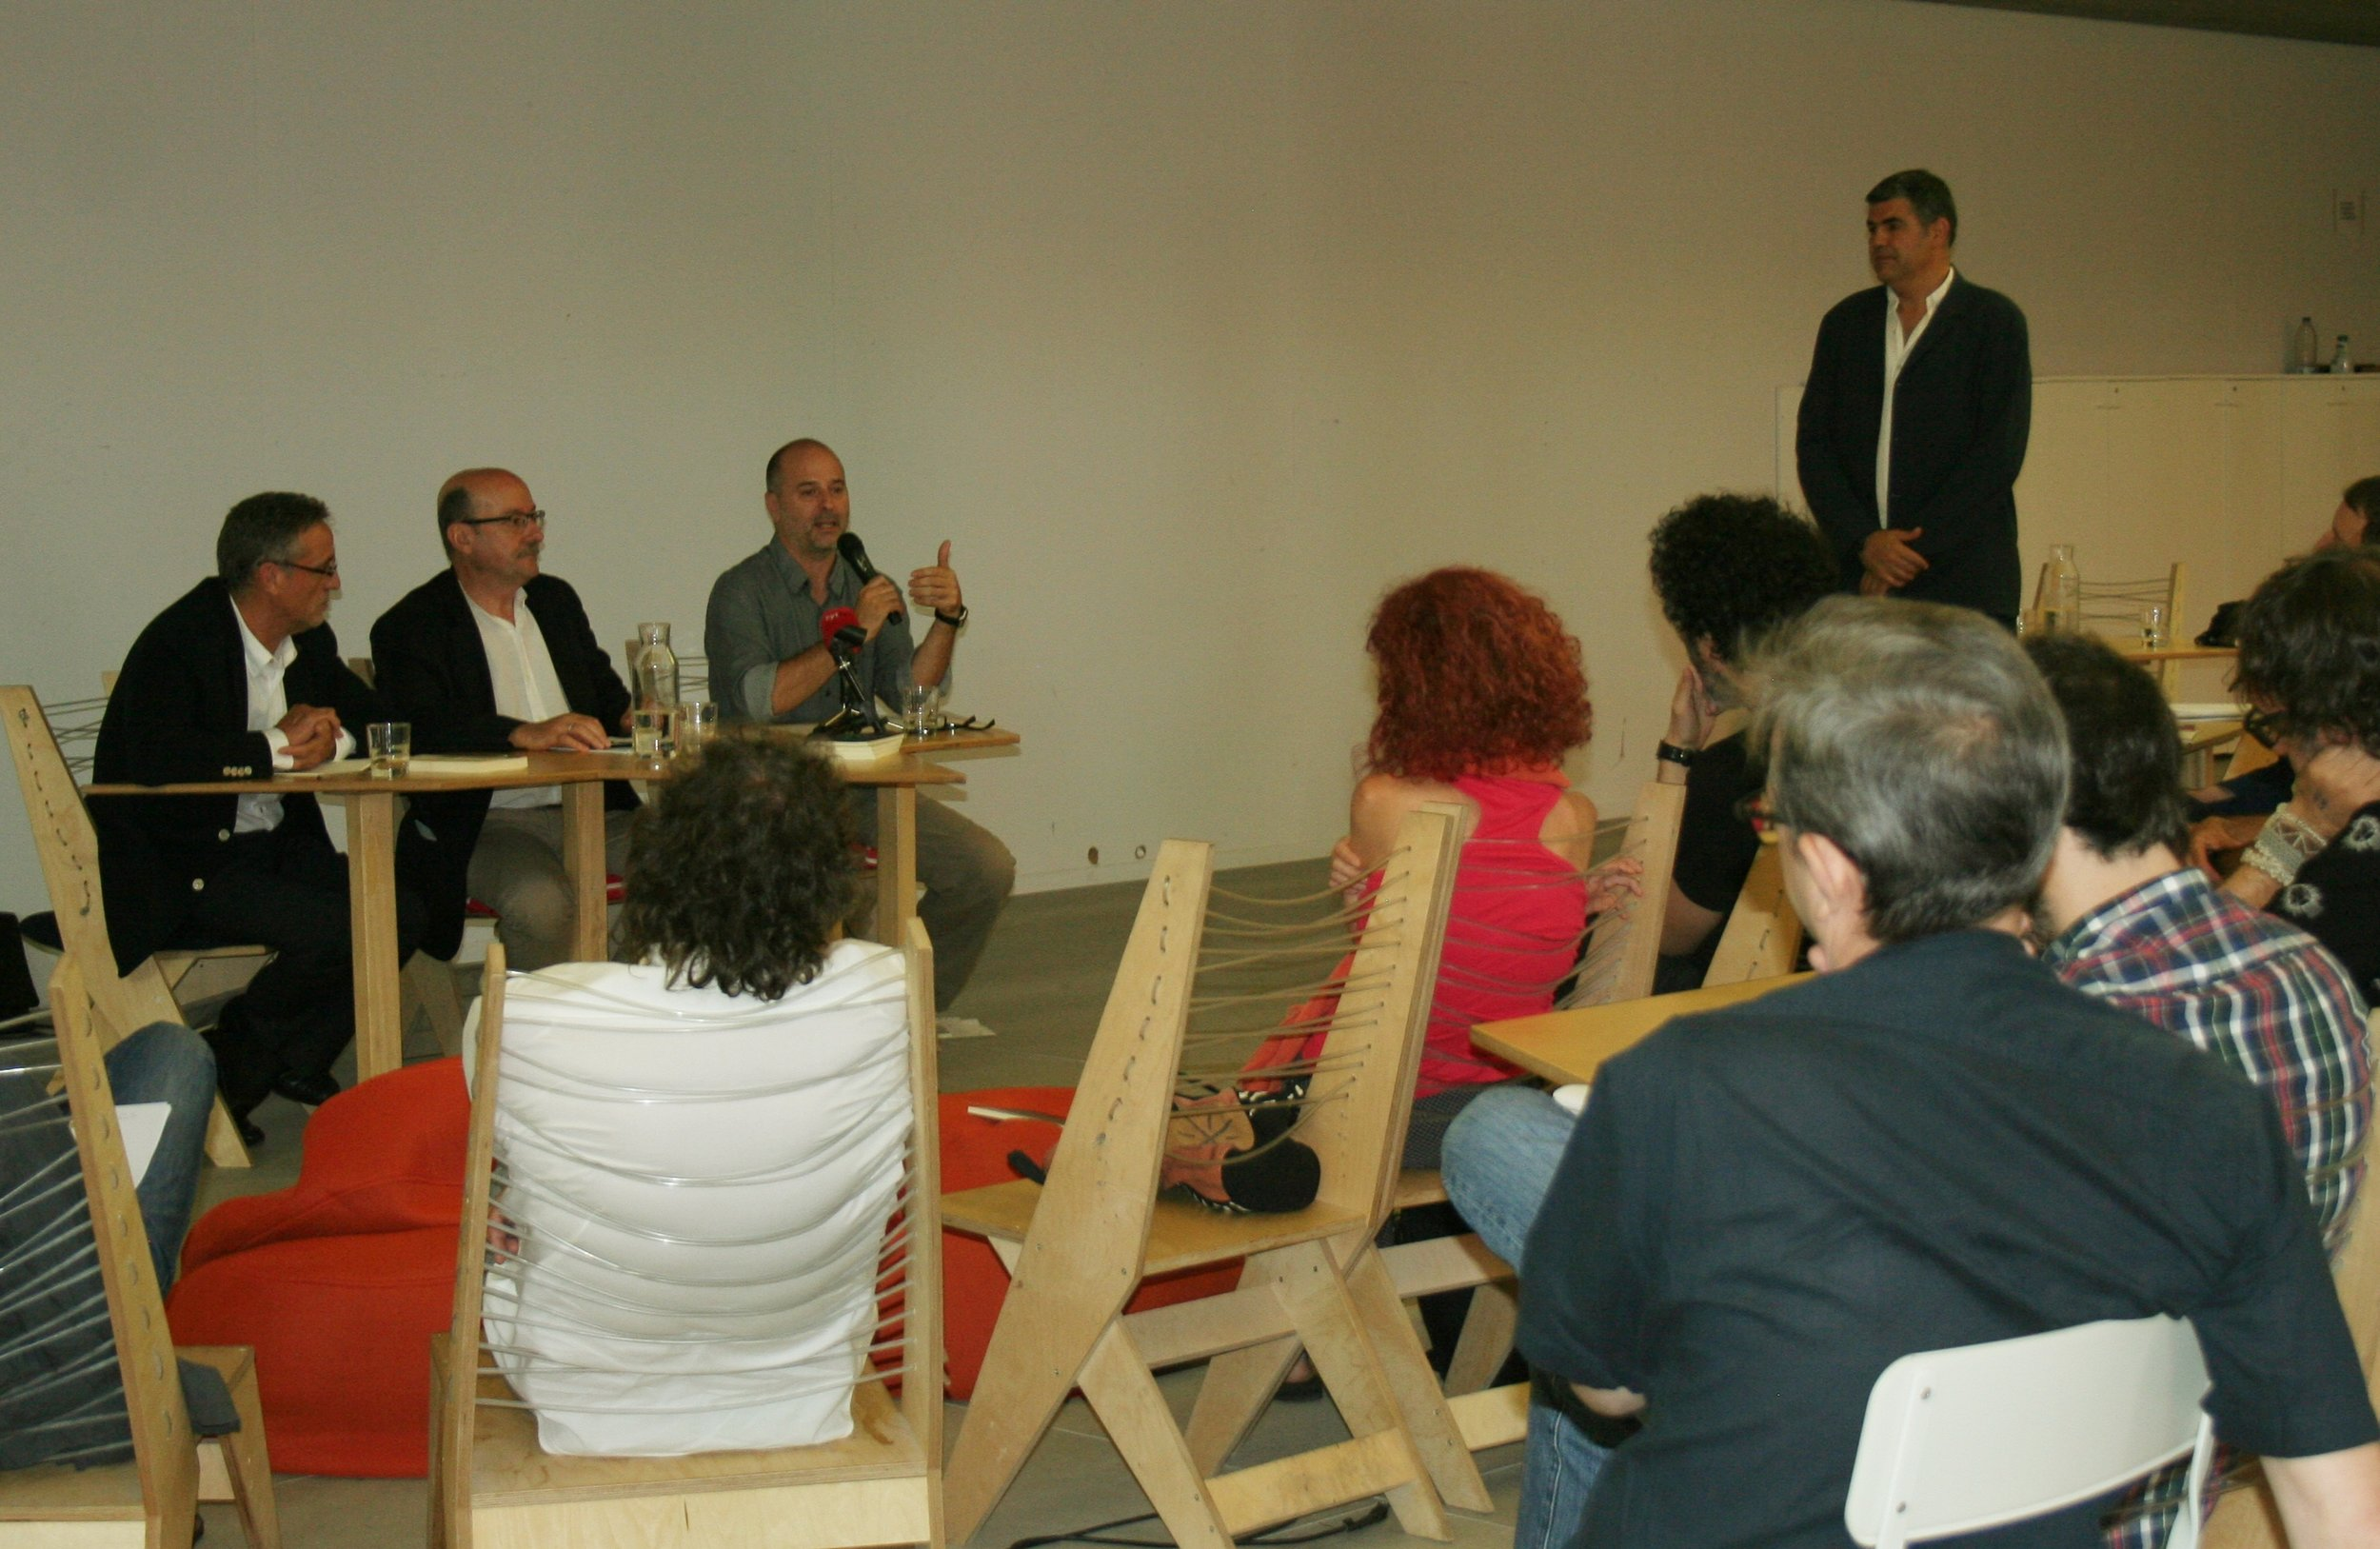 La presentación tuvo lugar en el espacio cultural 'Matadero de Madrid'.